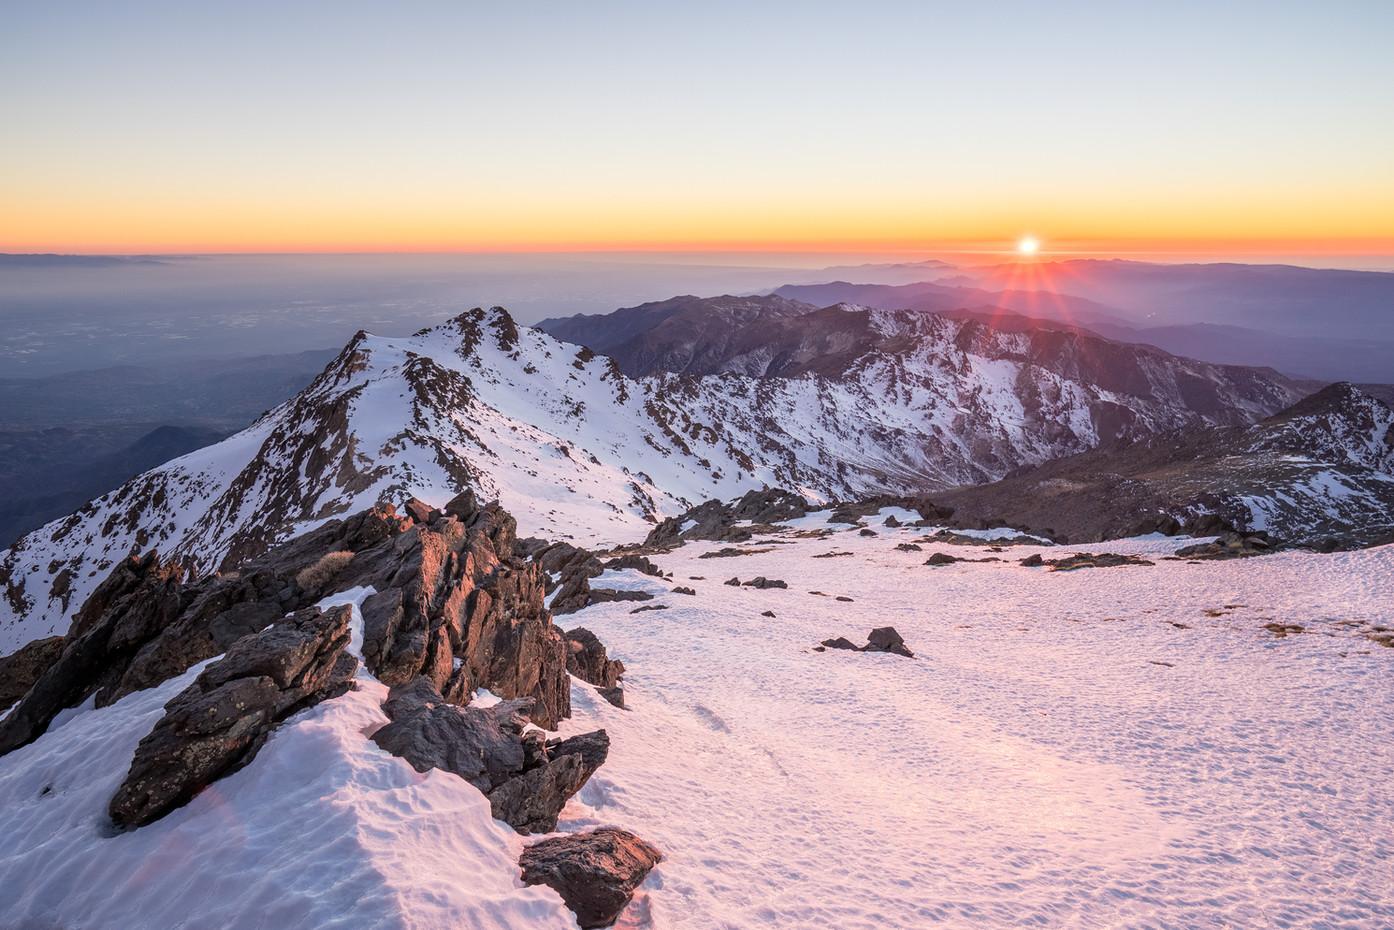 Atlas_sunset.jpg